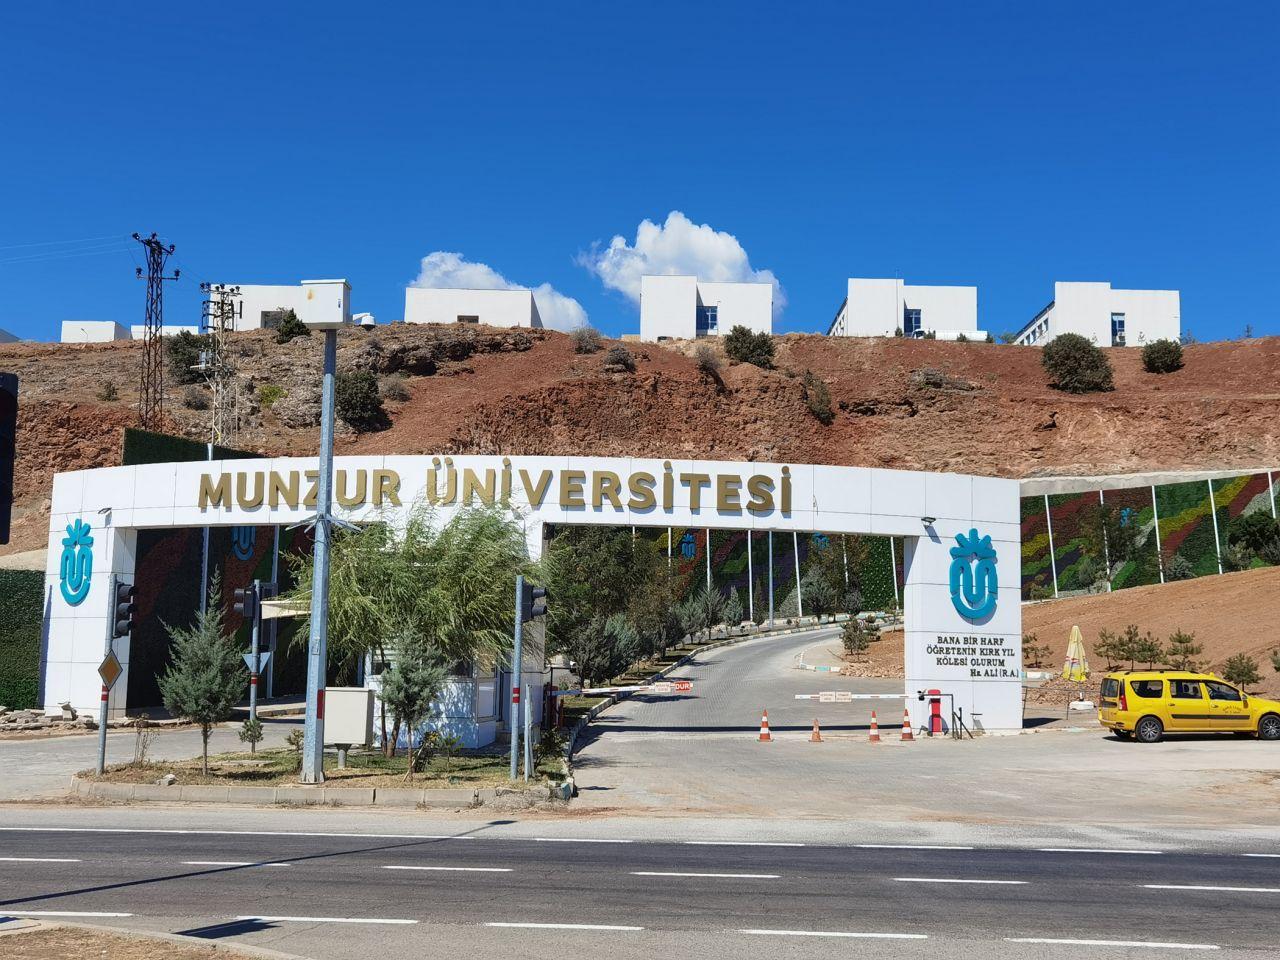 Tunceli'deki Munzur Üniversitesi öğrencileri yüksek ev kiraları için isyan etti. Komünist başkan ev sahiplerine çağrı yaptı, valilik de harekete geçti - Sayfa:2